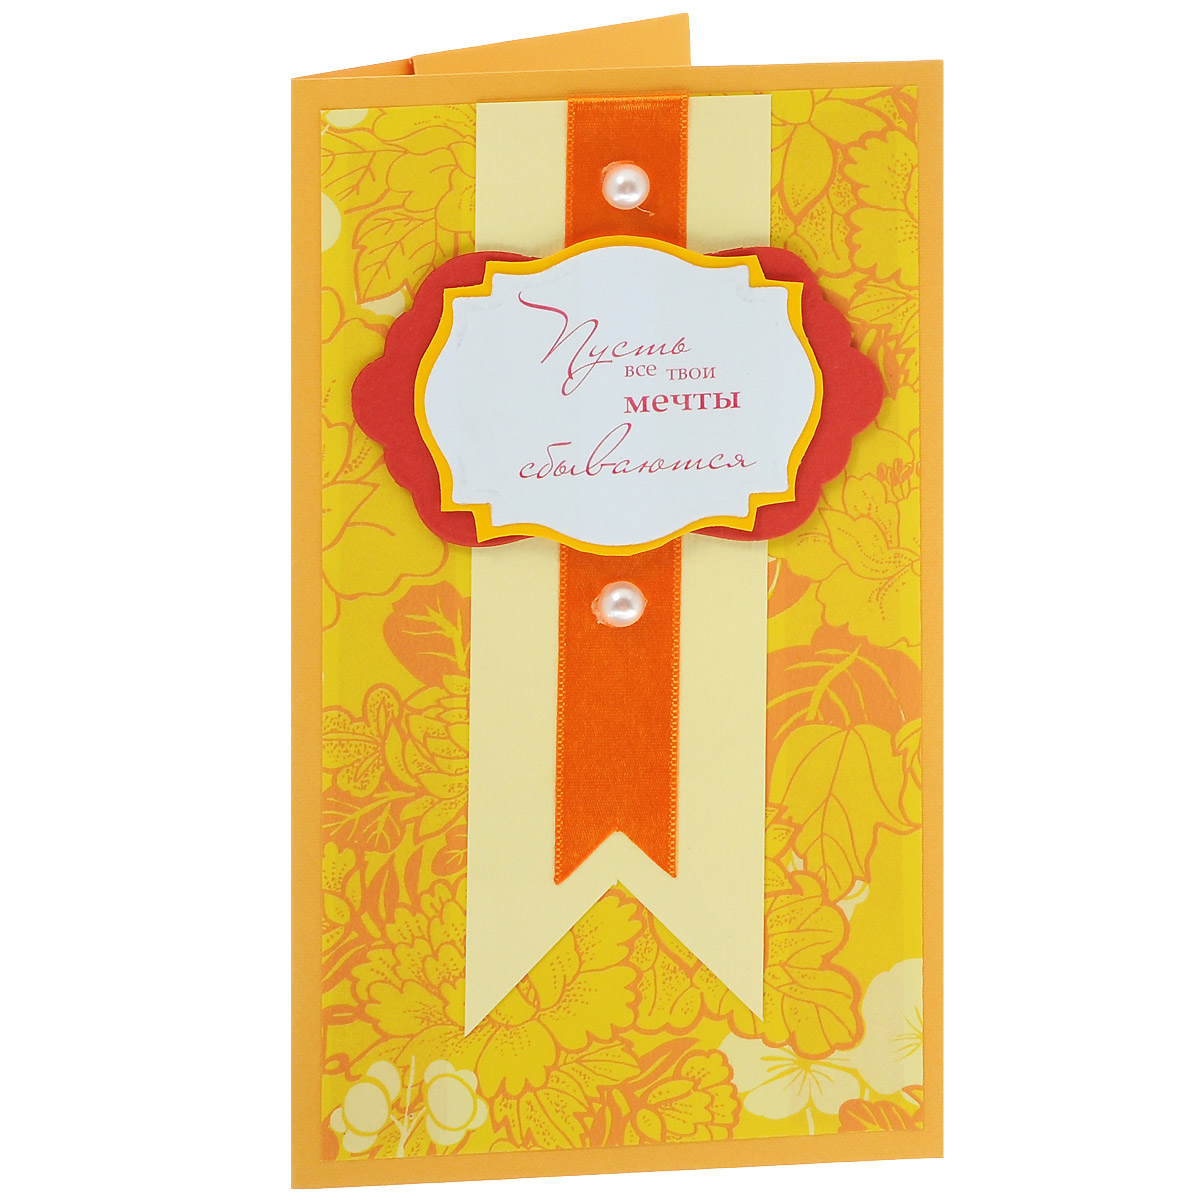 """Характеристики:     Размер 19 см x 11 см.  Материал: Высоко-художественный картон, бумага, декор.   Данная открытка может стать как прекрасным дополнением к вашему подарку, так и самостоятельным подарком. Так как открытка является и конвертом, в который вы можете вложить ваш денежный подарок или просто написать ваши пожелания на вкладыше.  Благородный фон усилен ажурным узором цветочных и растительных мотивов. Поздравительная надпись расположена на изящной, многослойной табличке. В оформлении открытки использована атласная лента и жемчужные полубусины.  Также открытка упакована в пакетик для сохранности.   Обращаем Ваше внимание на то, что открытка может незначительно отличаться от представленной на фото.  Открытки ручной работы от студии """"Тётя Роза"""" отличаются своим неповторимым и ярким стилем. Каждая уникальна и выполнена вручную мастерами студии. (Открытка для мужчин, открытка для женщины, открытка на день рождения, открытка с днем свадьбы, открытка винтаж, открытка с юбилеем, открытка на все случаи, скрапбукинг)"""